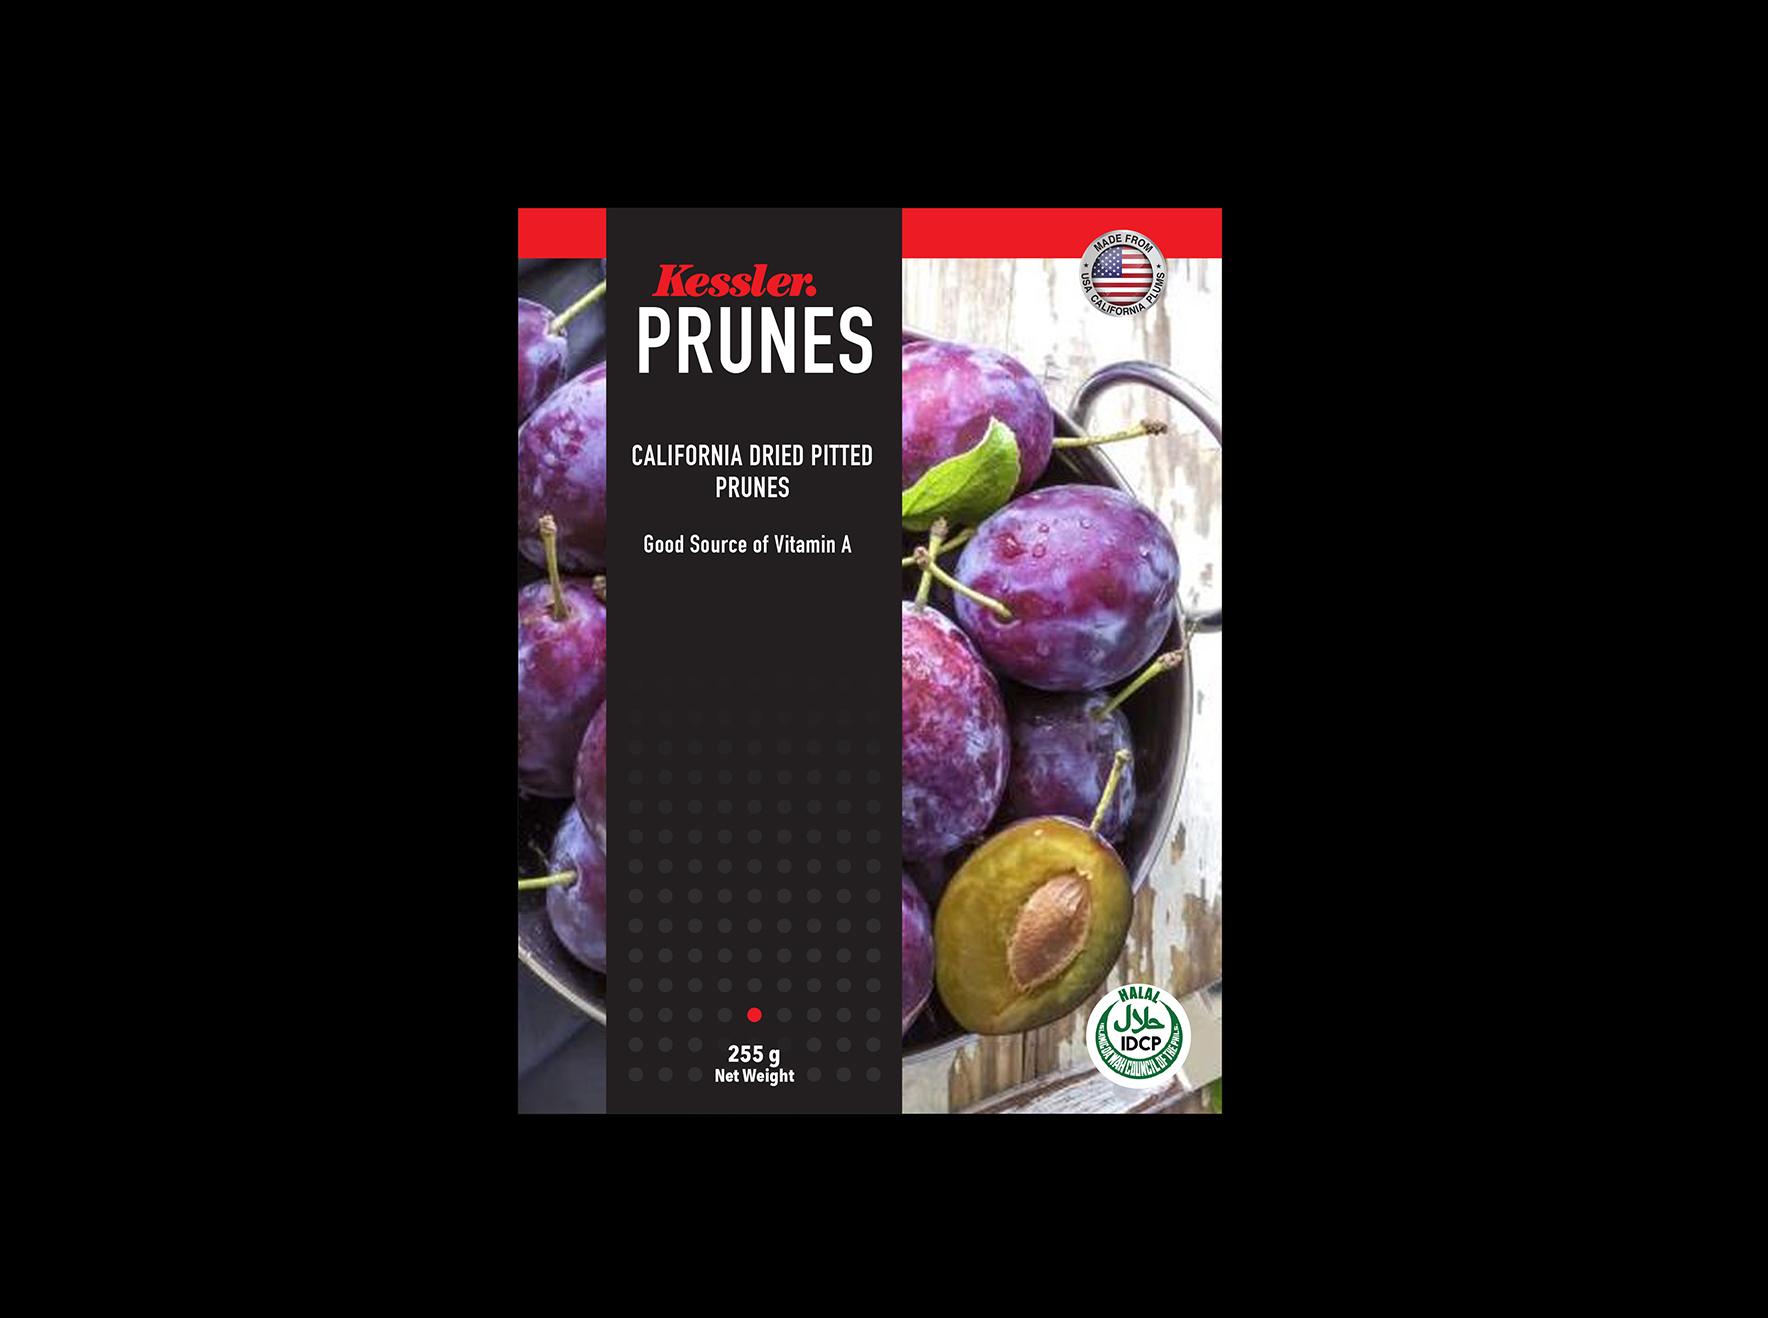 Kessler Foods - Prunes Packaging